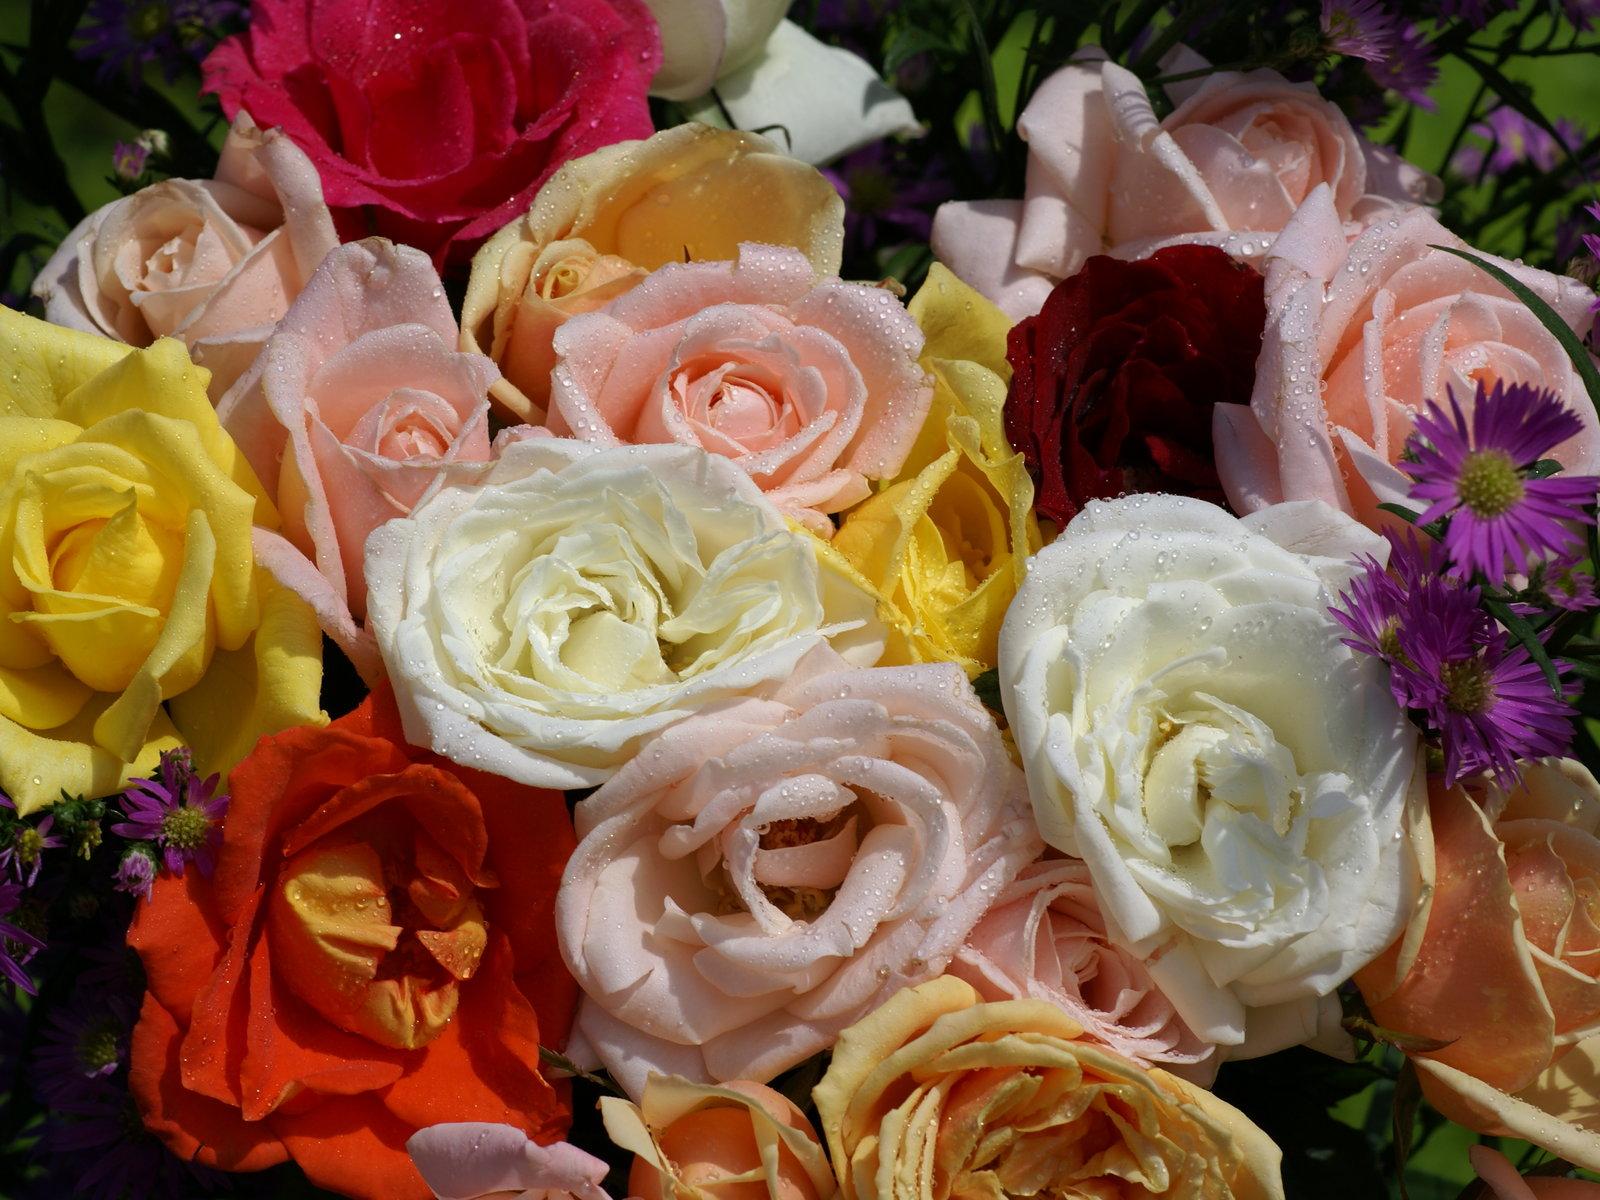 fotos de ramos de flores preciosas jardn de flores y poesas facebook - Fotos De Ramos De Flores Preciosas